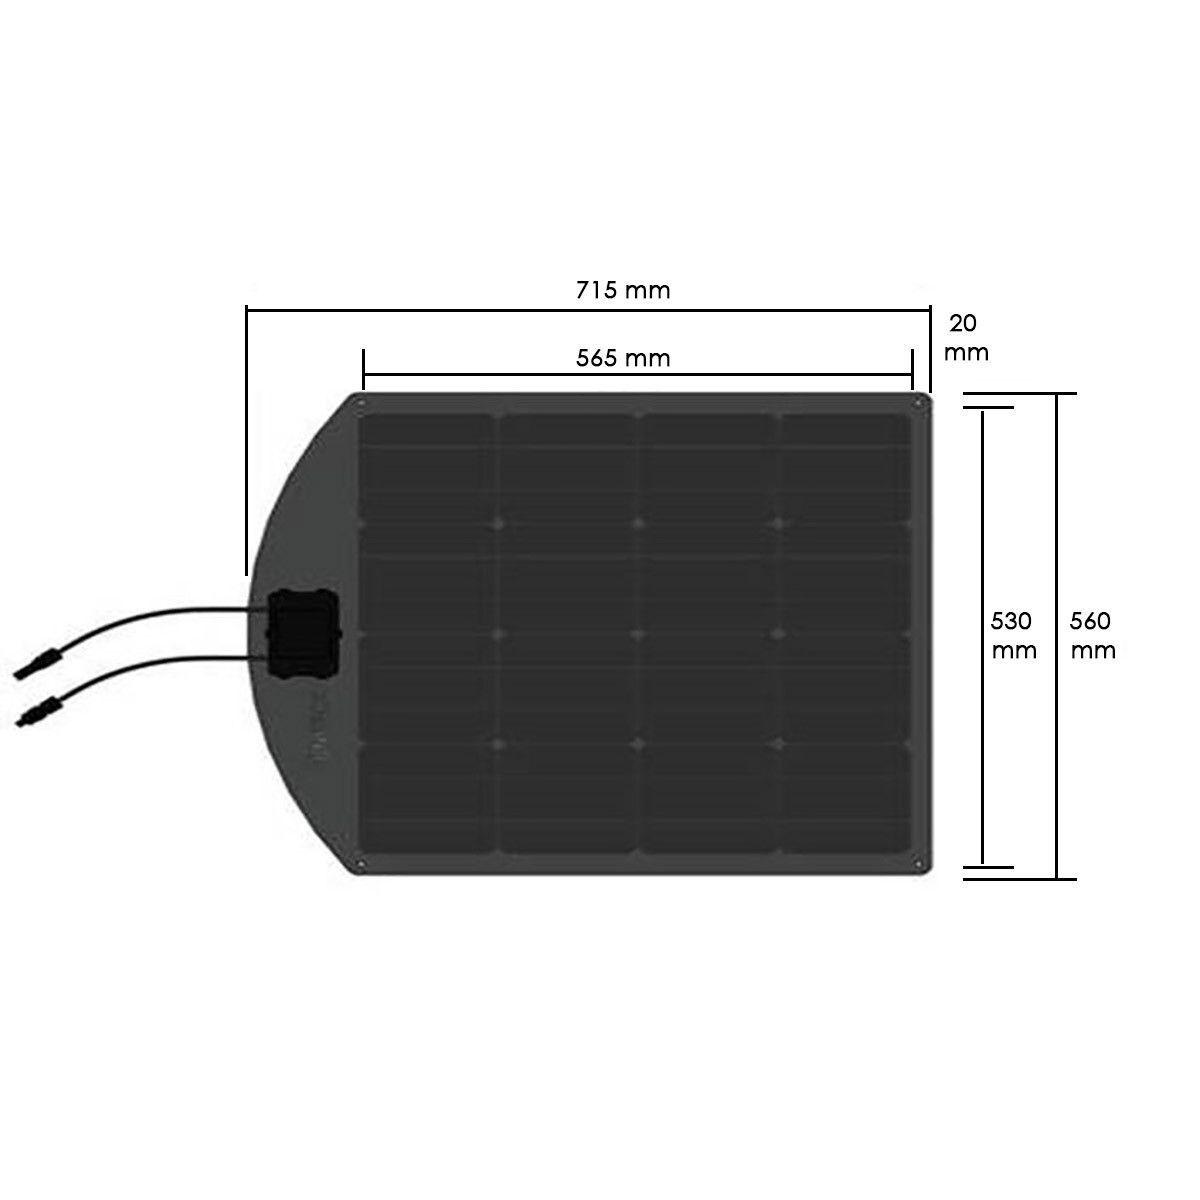 panneau solaire flexible unisun mf mono uniteck. Black Bedroom Furniture Sets. Home Design Ideas